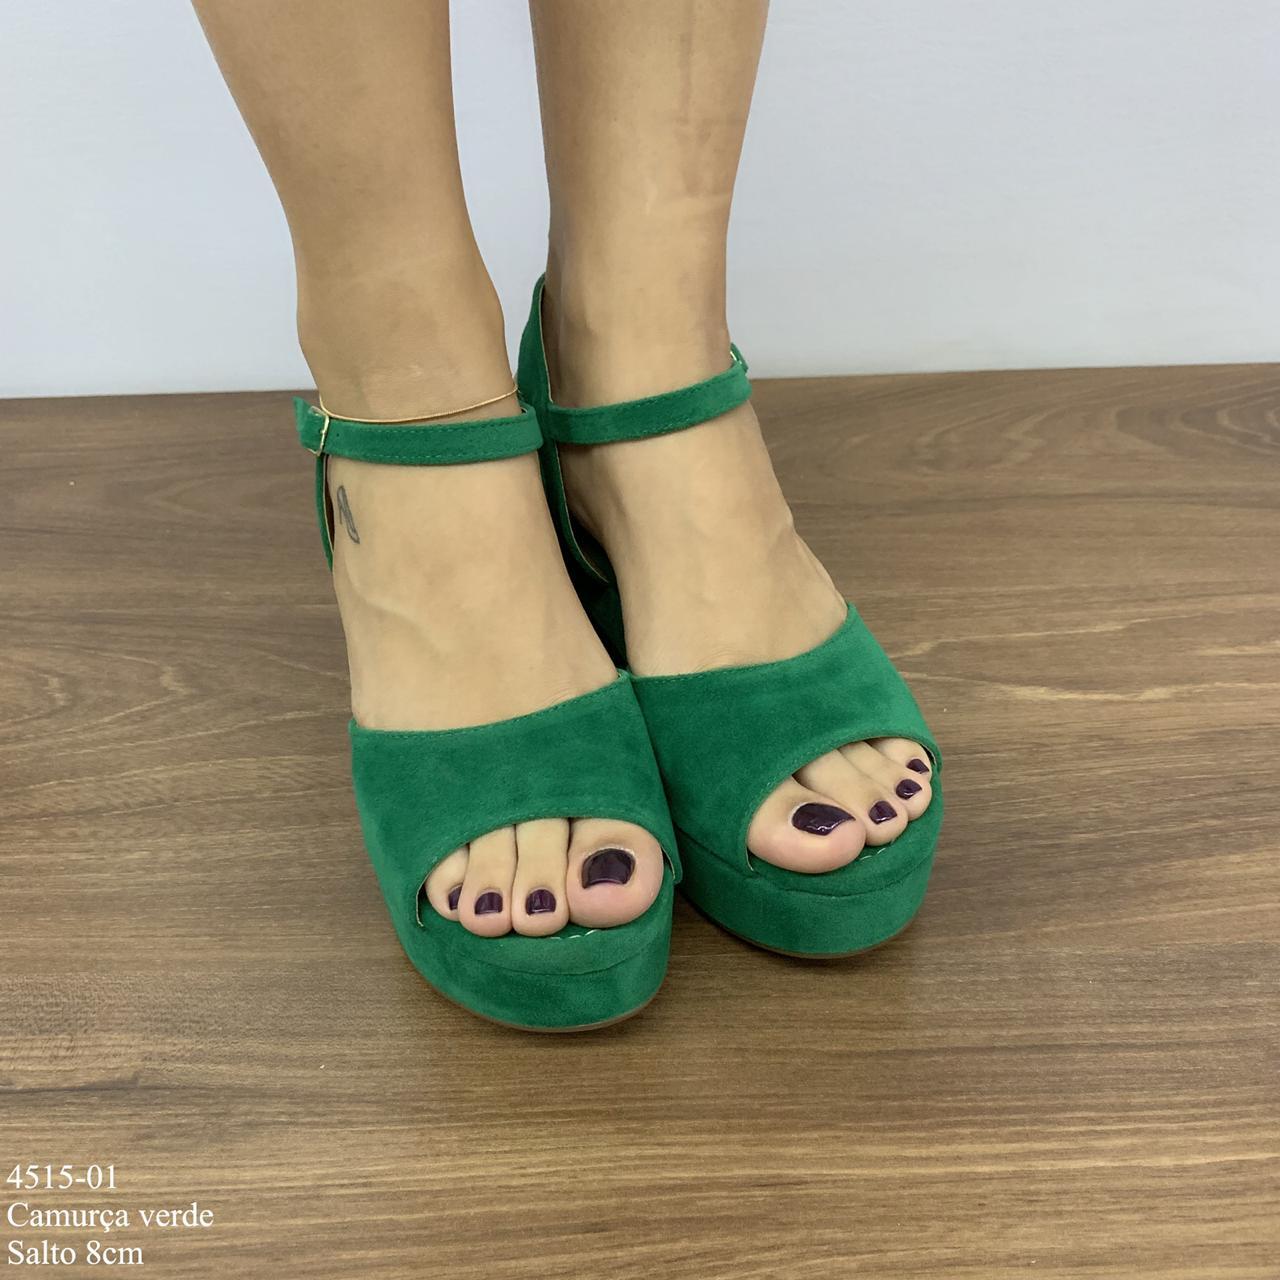 Sandália Verde Camurça | D- 4515-02